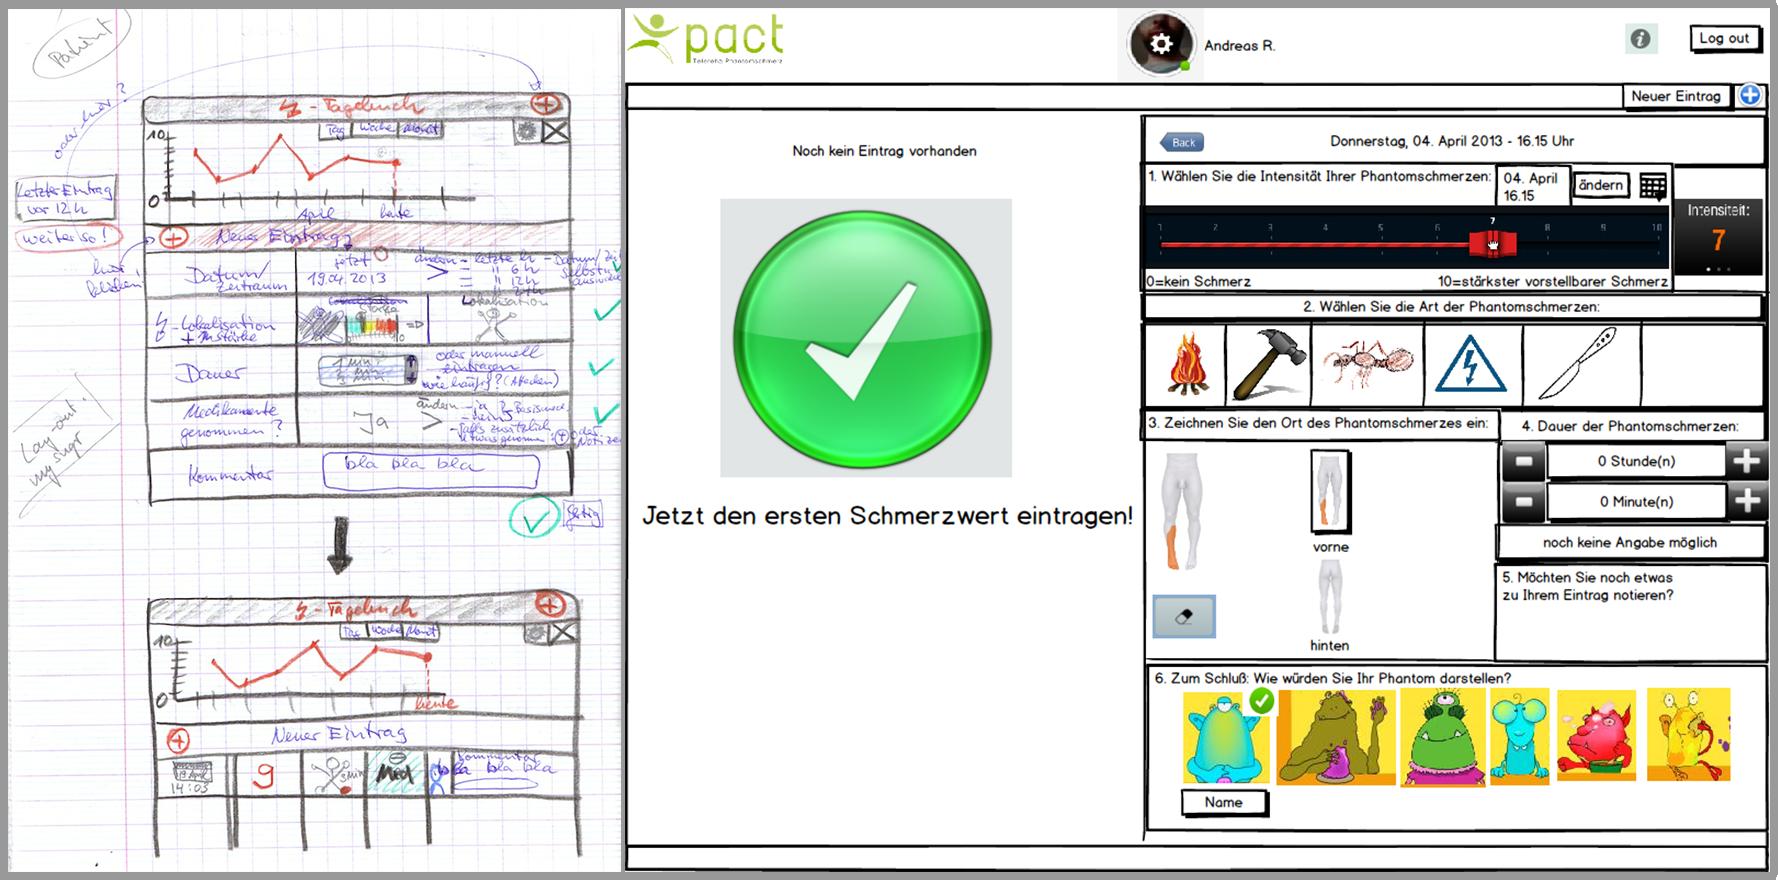 Niedlich 87 Zeichnen Workflow Diagramm Online Bild Ideen ...